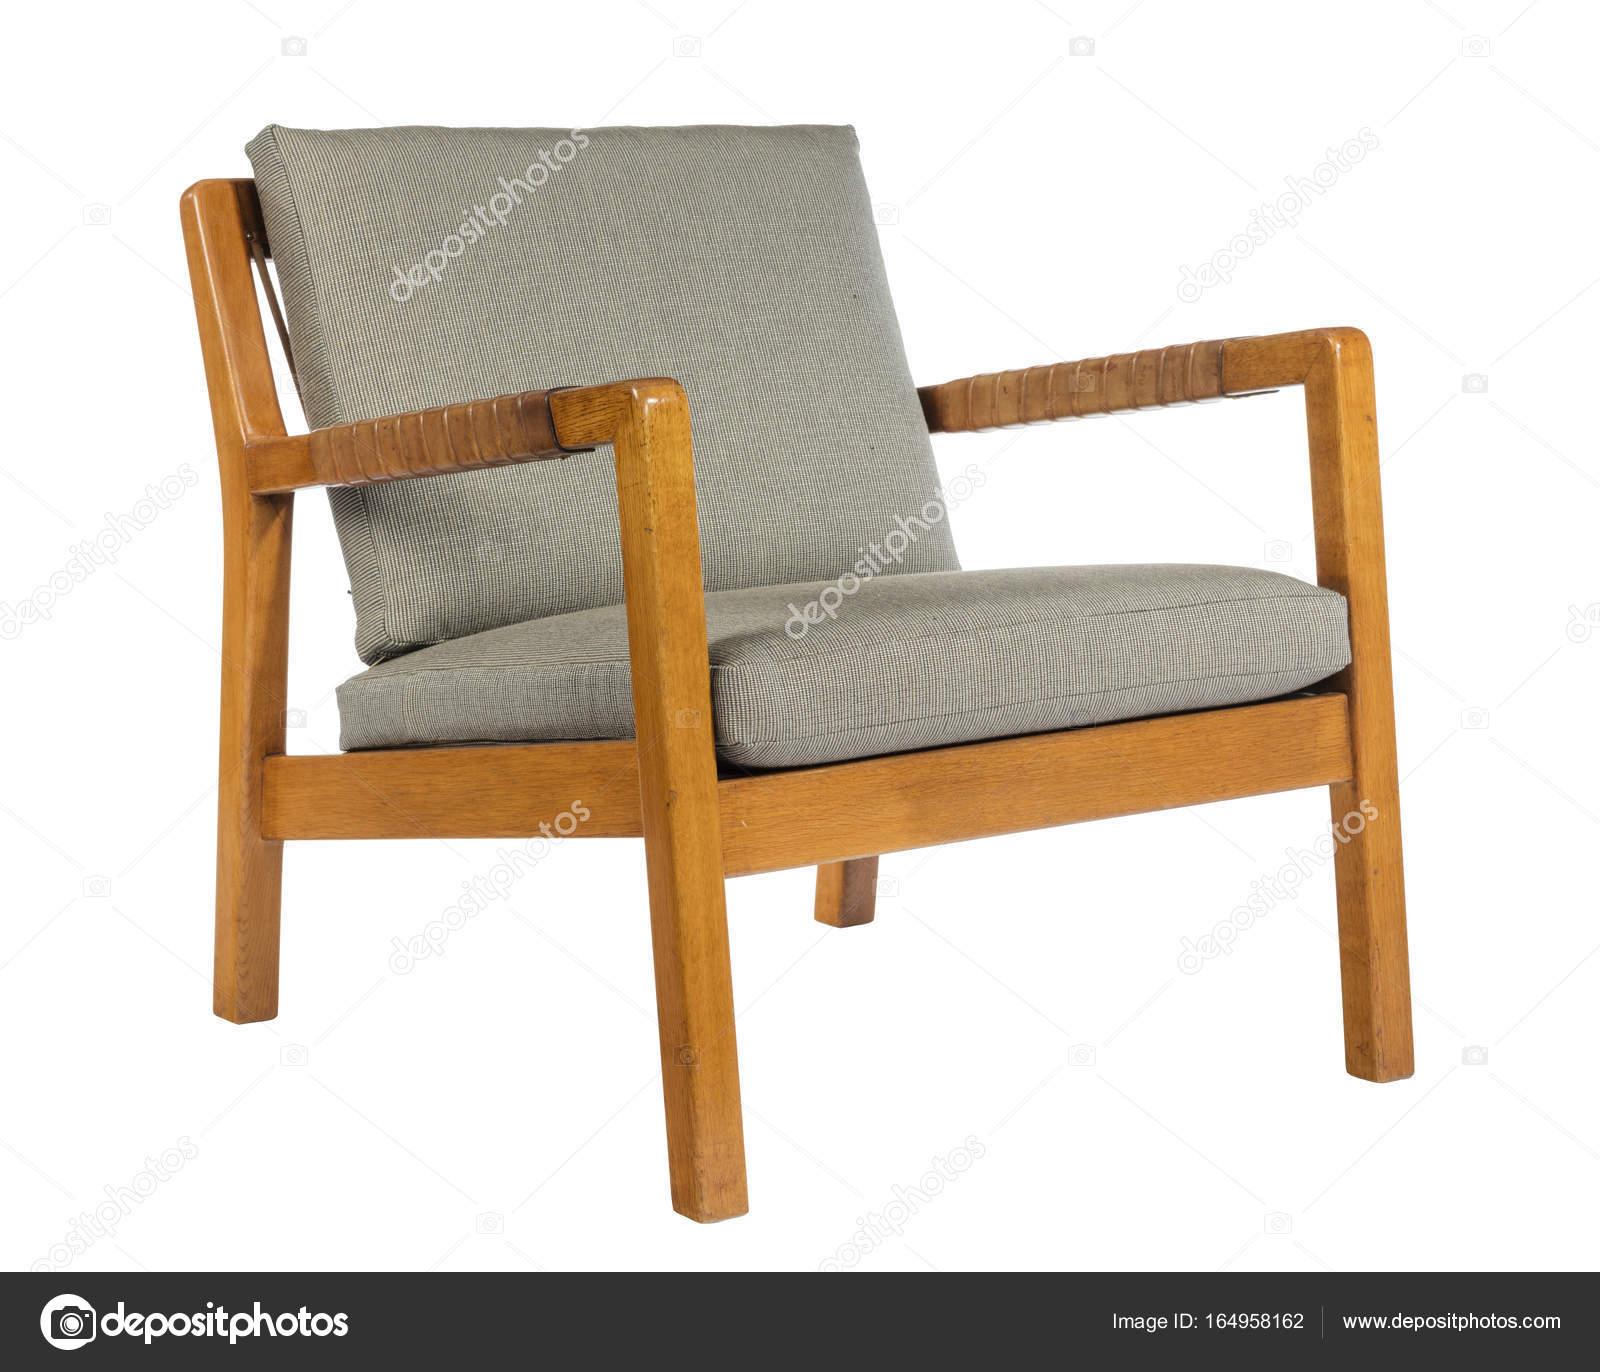 Erstaunlich Stuhl Gepolstert Galerie Von 60er Jahre Style Platzgestaltung — Stockfoto